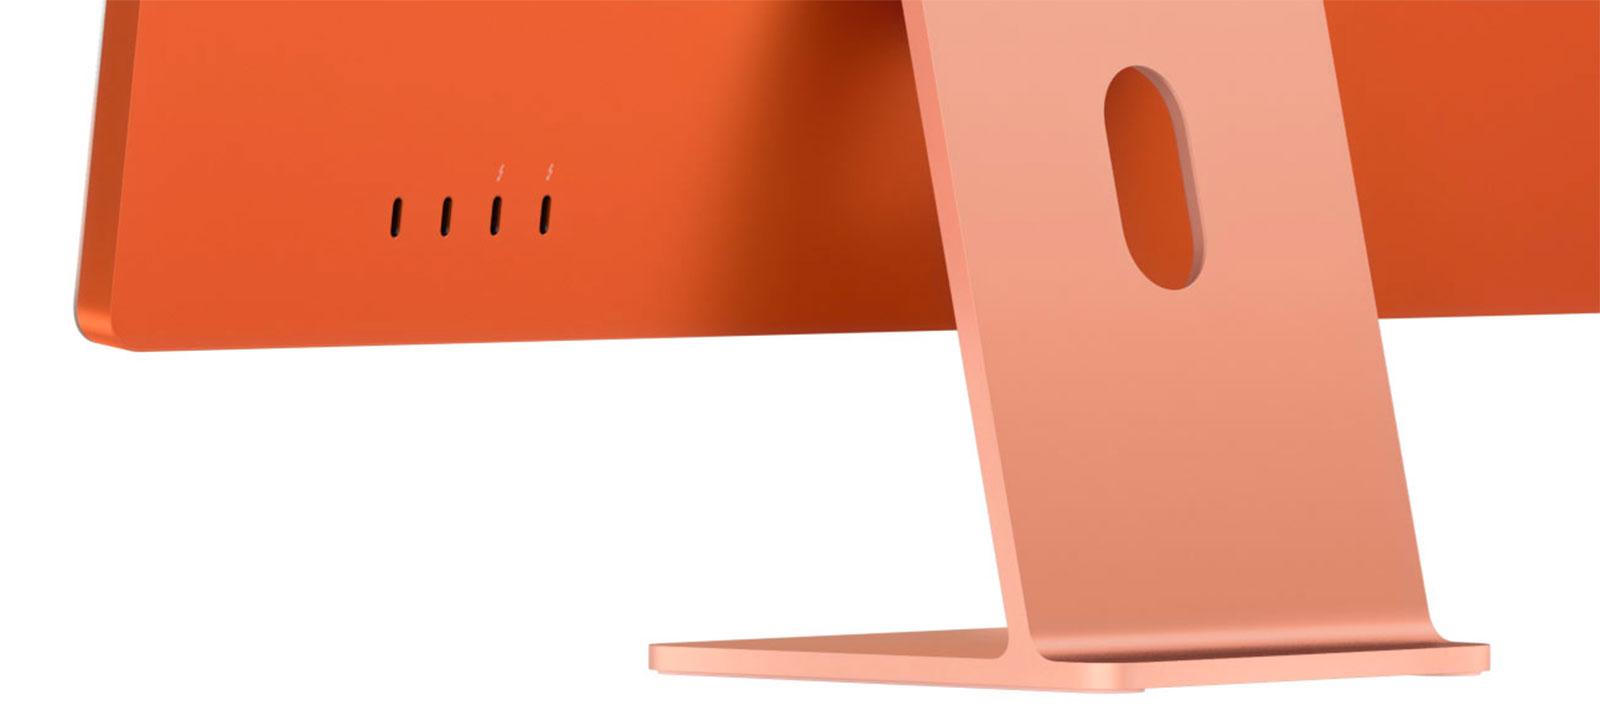 iMac Apple Silicon naranja, por detrás, con cuartro puertos USB-C